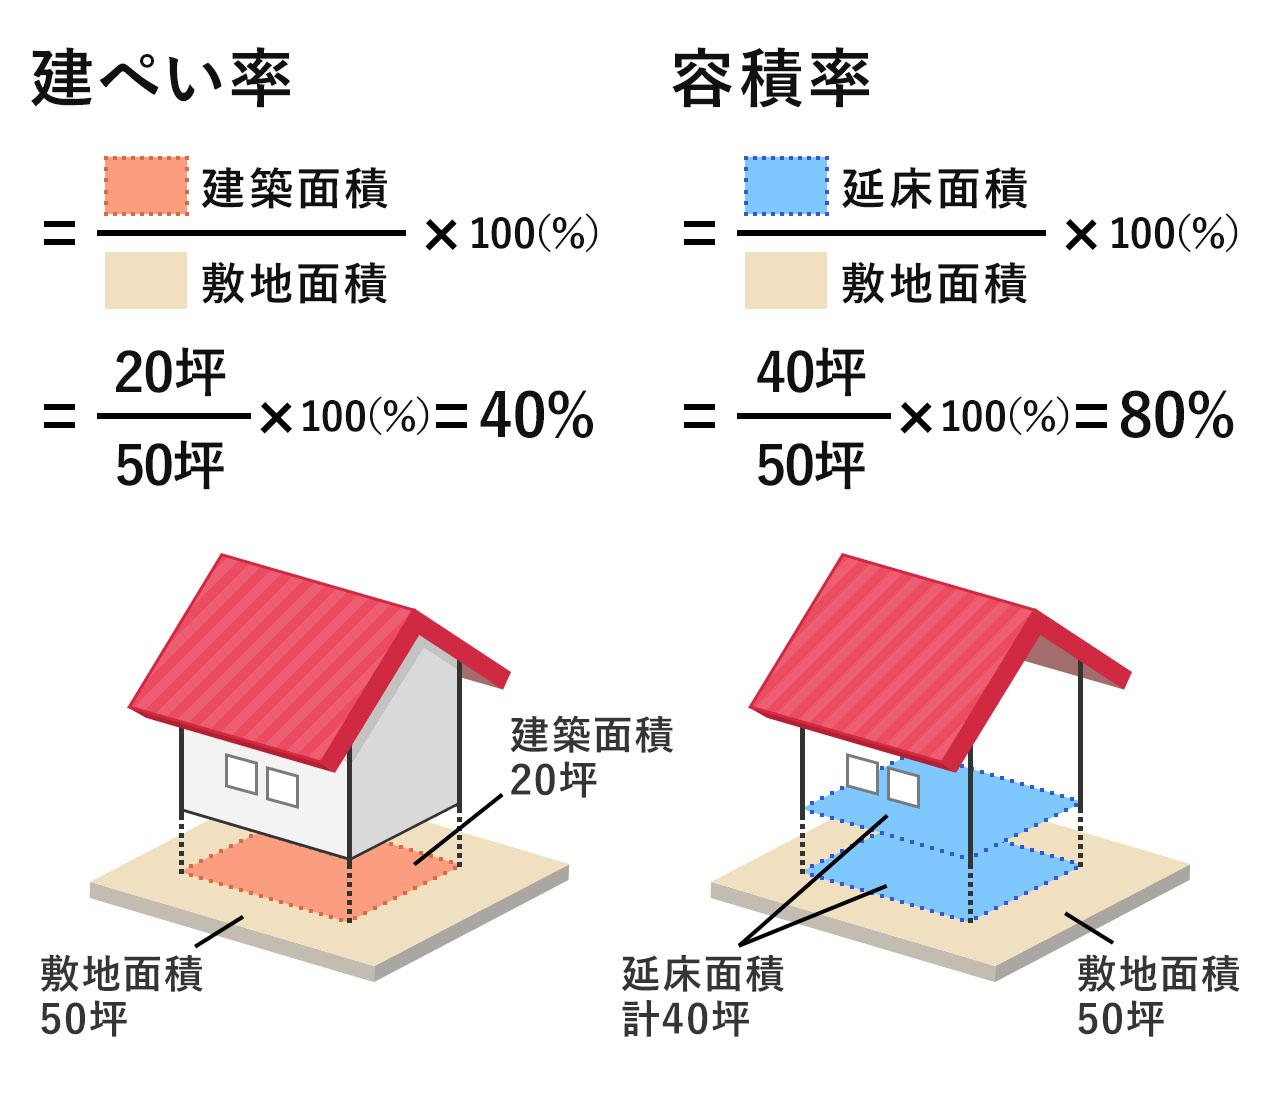 土地50坪で建ぺい率40%、容積率80%の場合